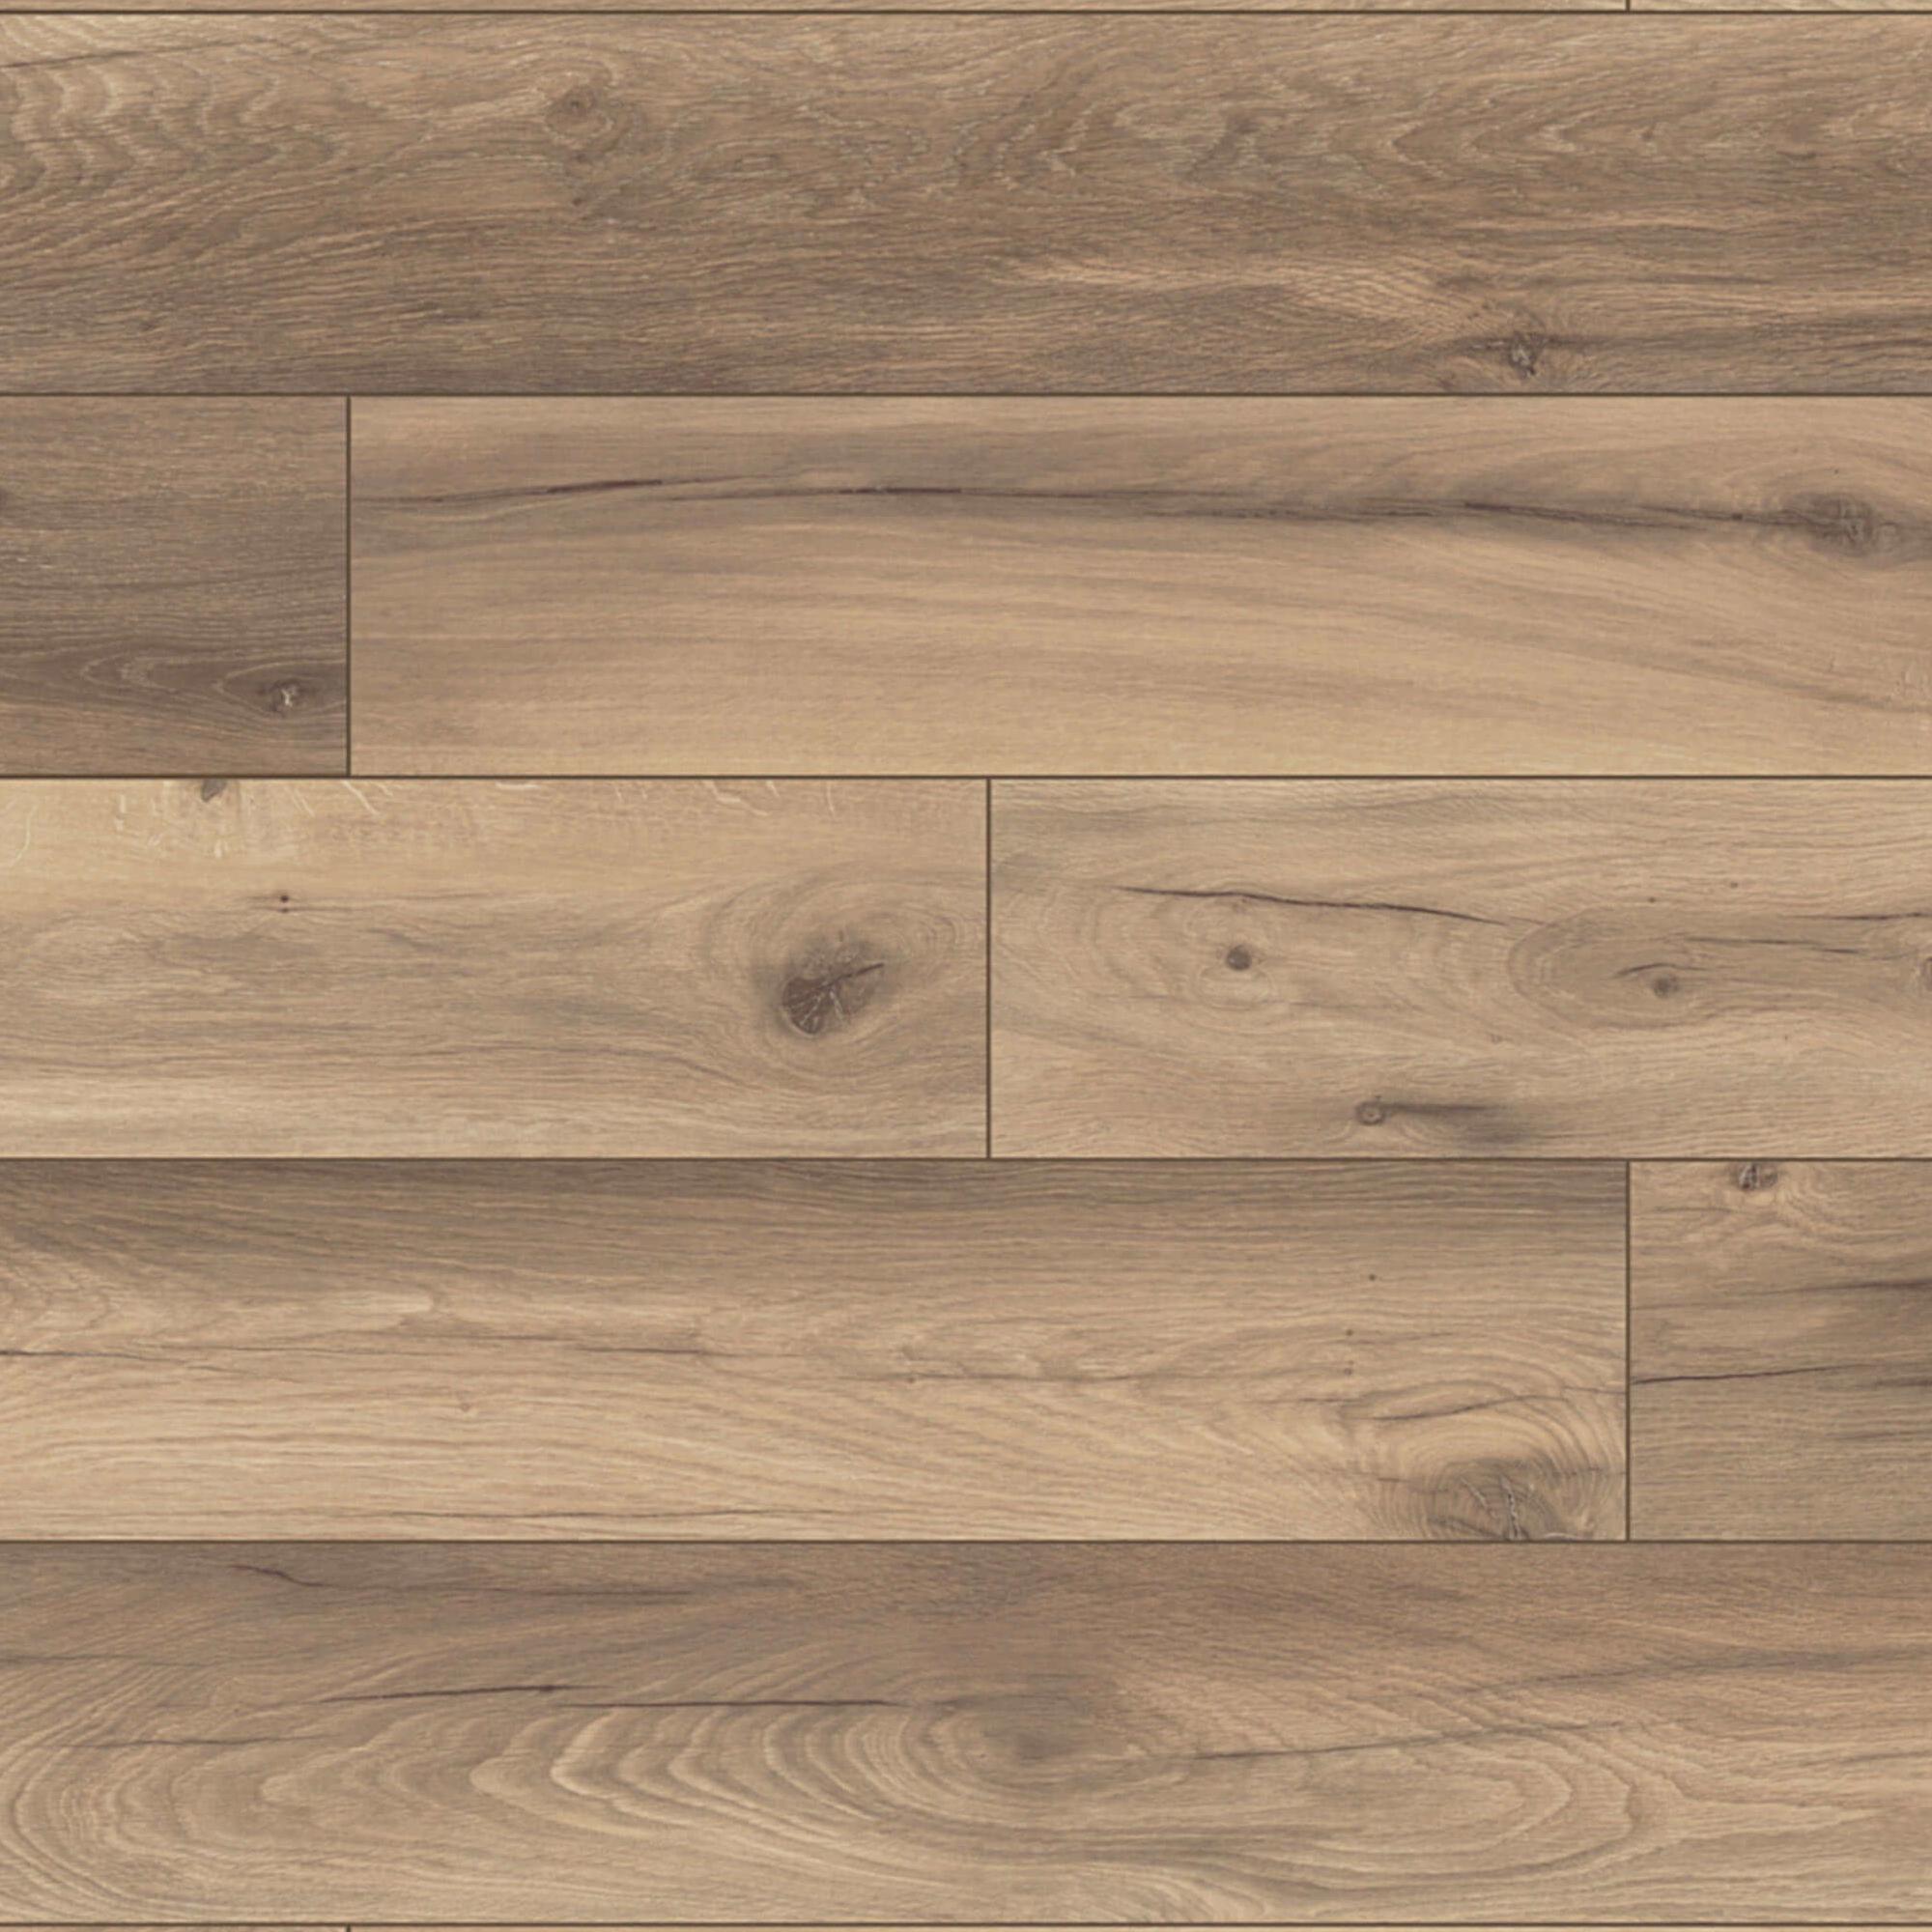 Laminátová podlaha voděodolná H2O Floor 1538 Toronto Oak 8 mm